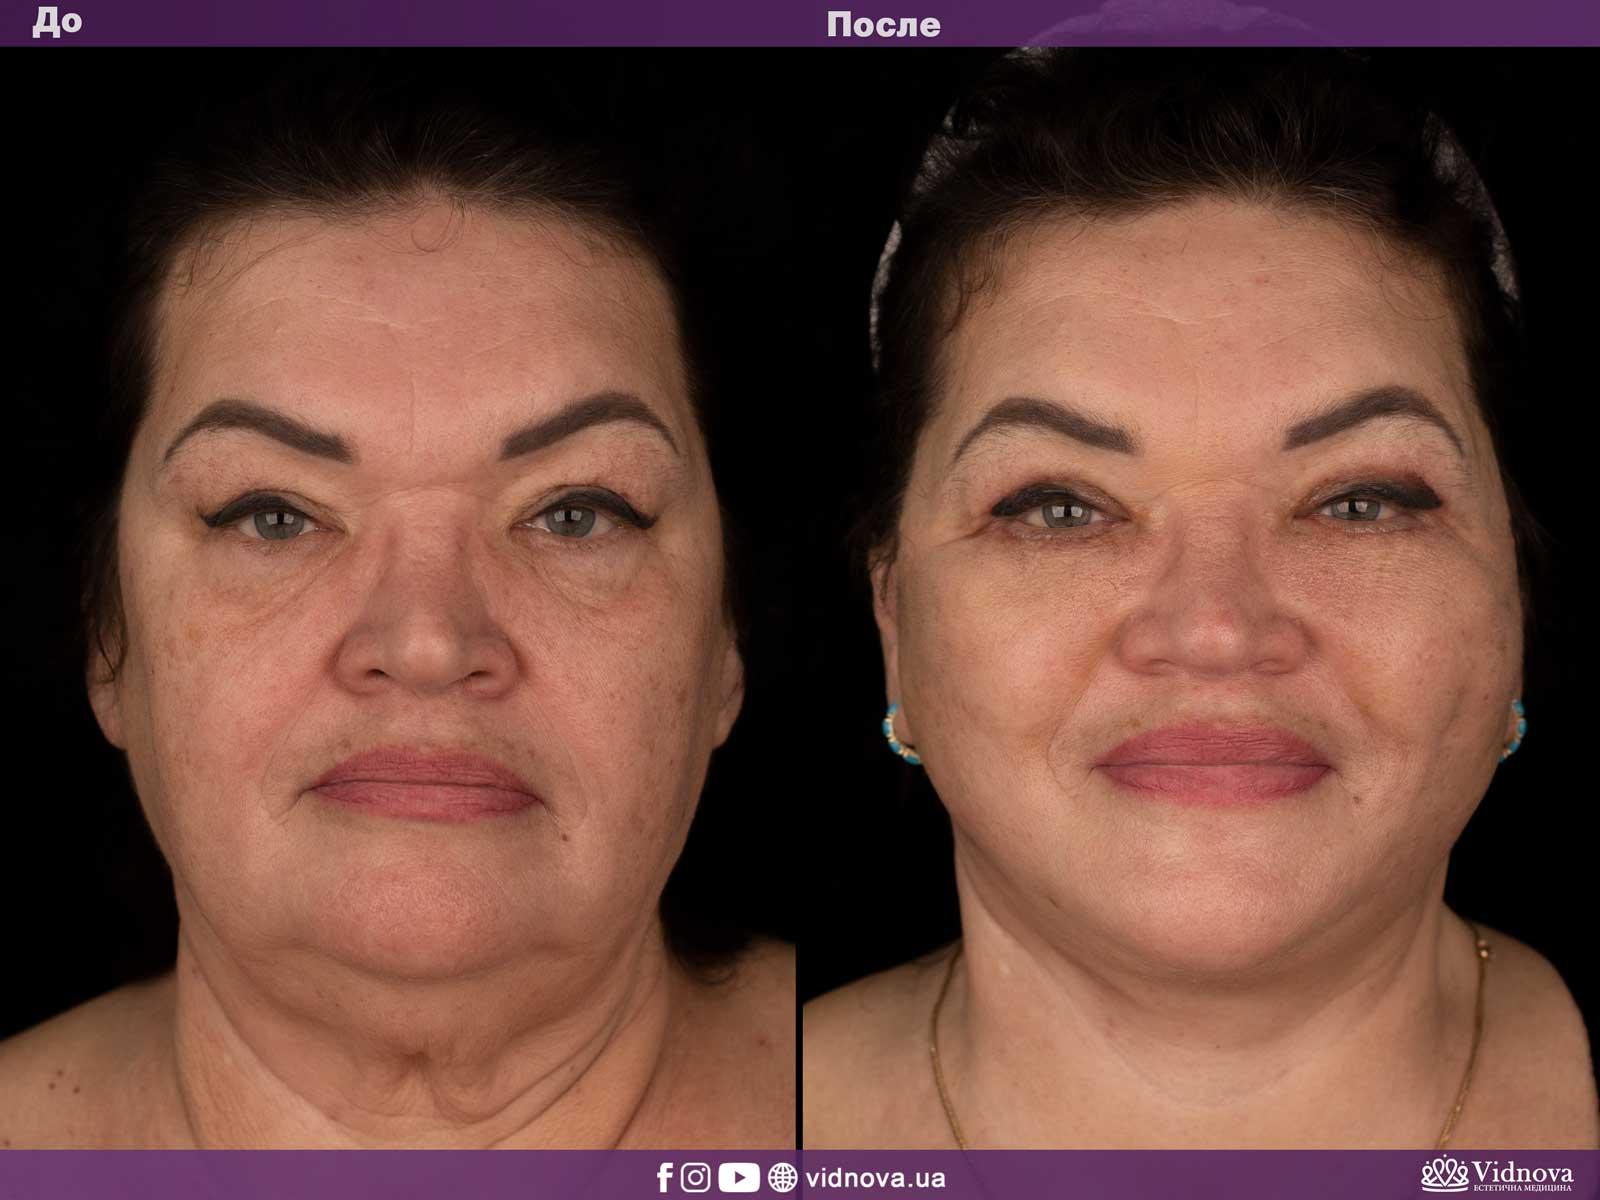 Подтяжка лица и шеи: Фото ДО и ПОСЛЕ - Пример №1-1 - Клиника Vidnova